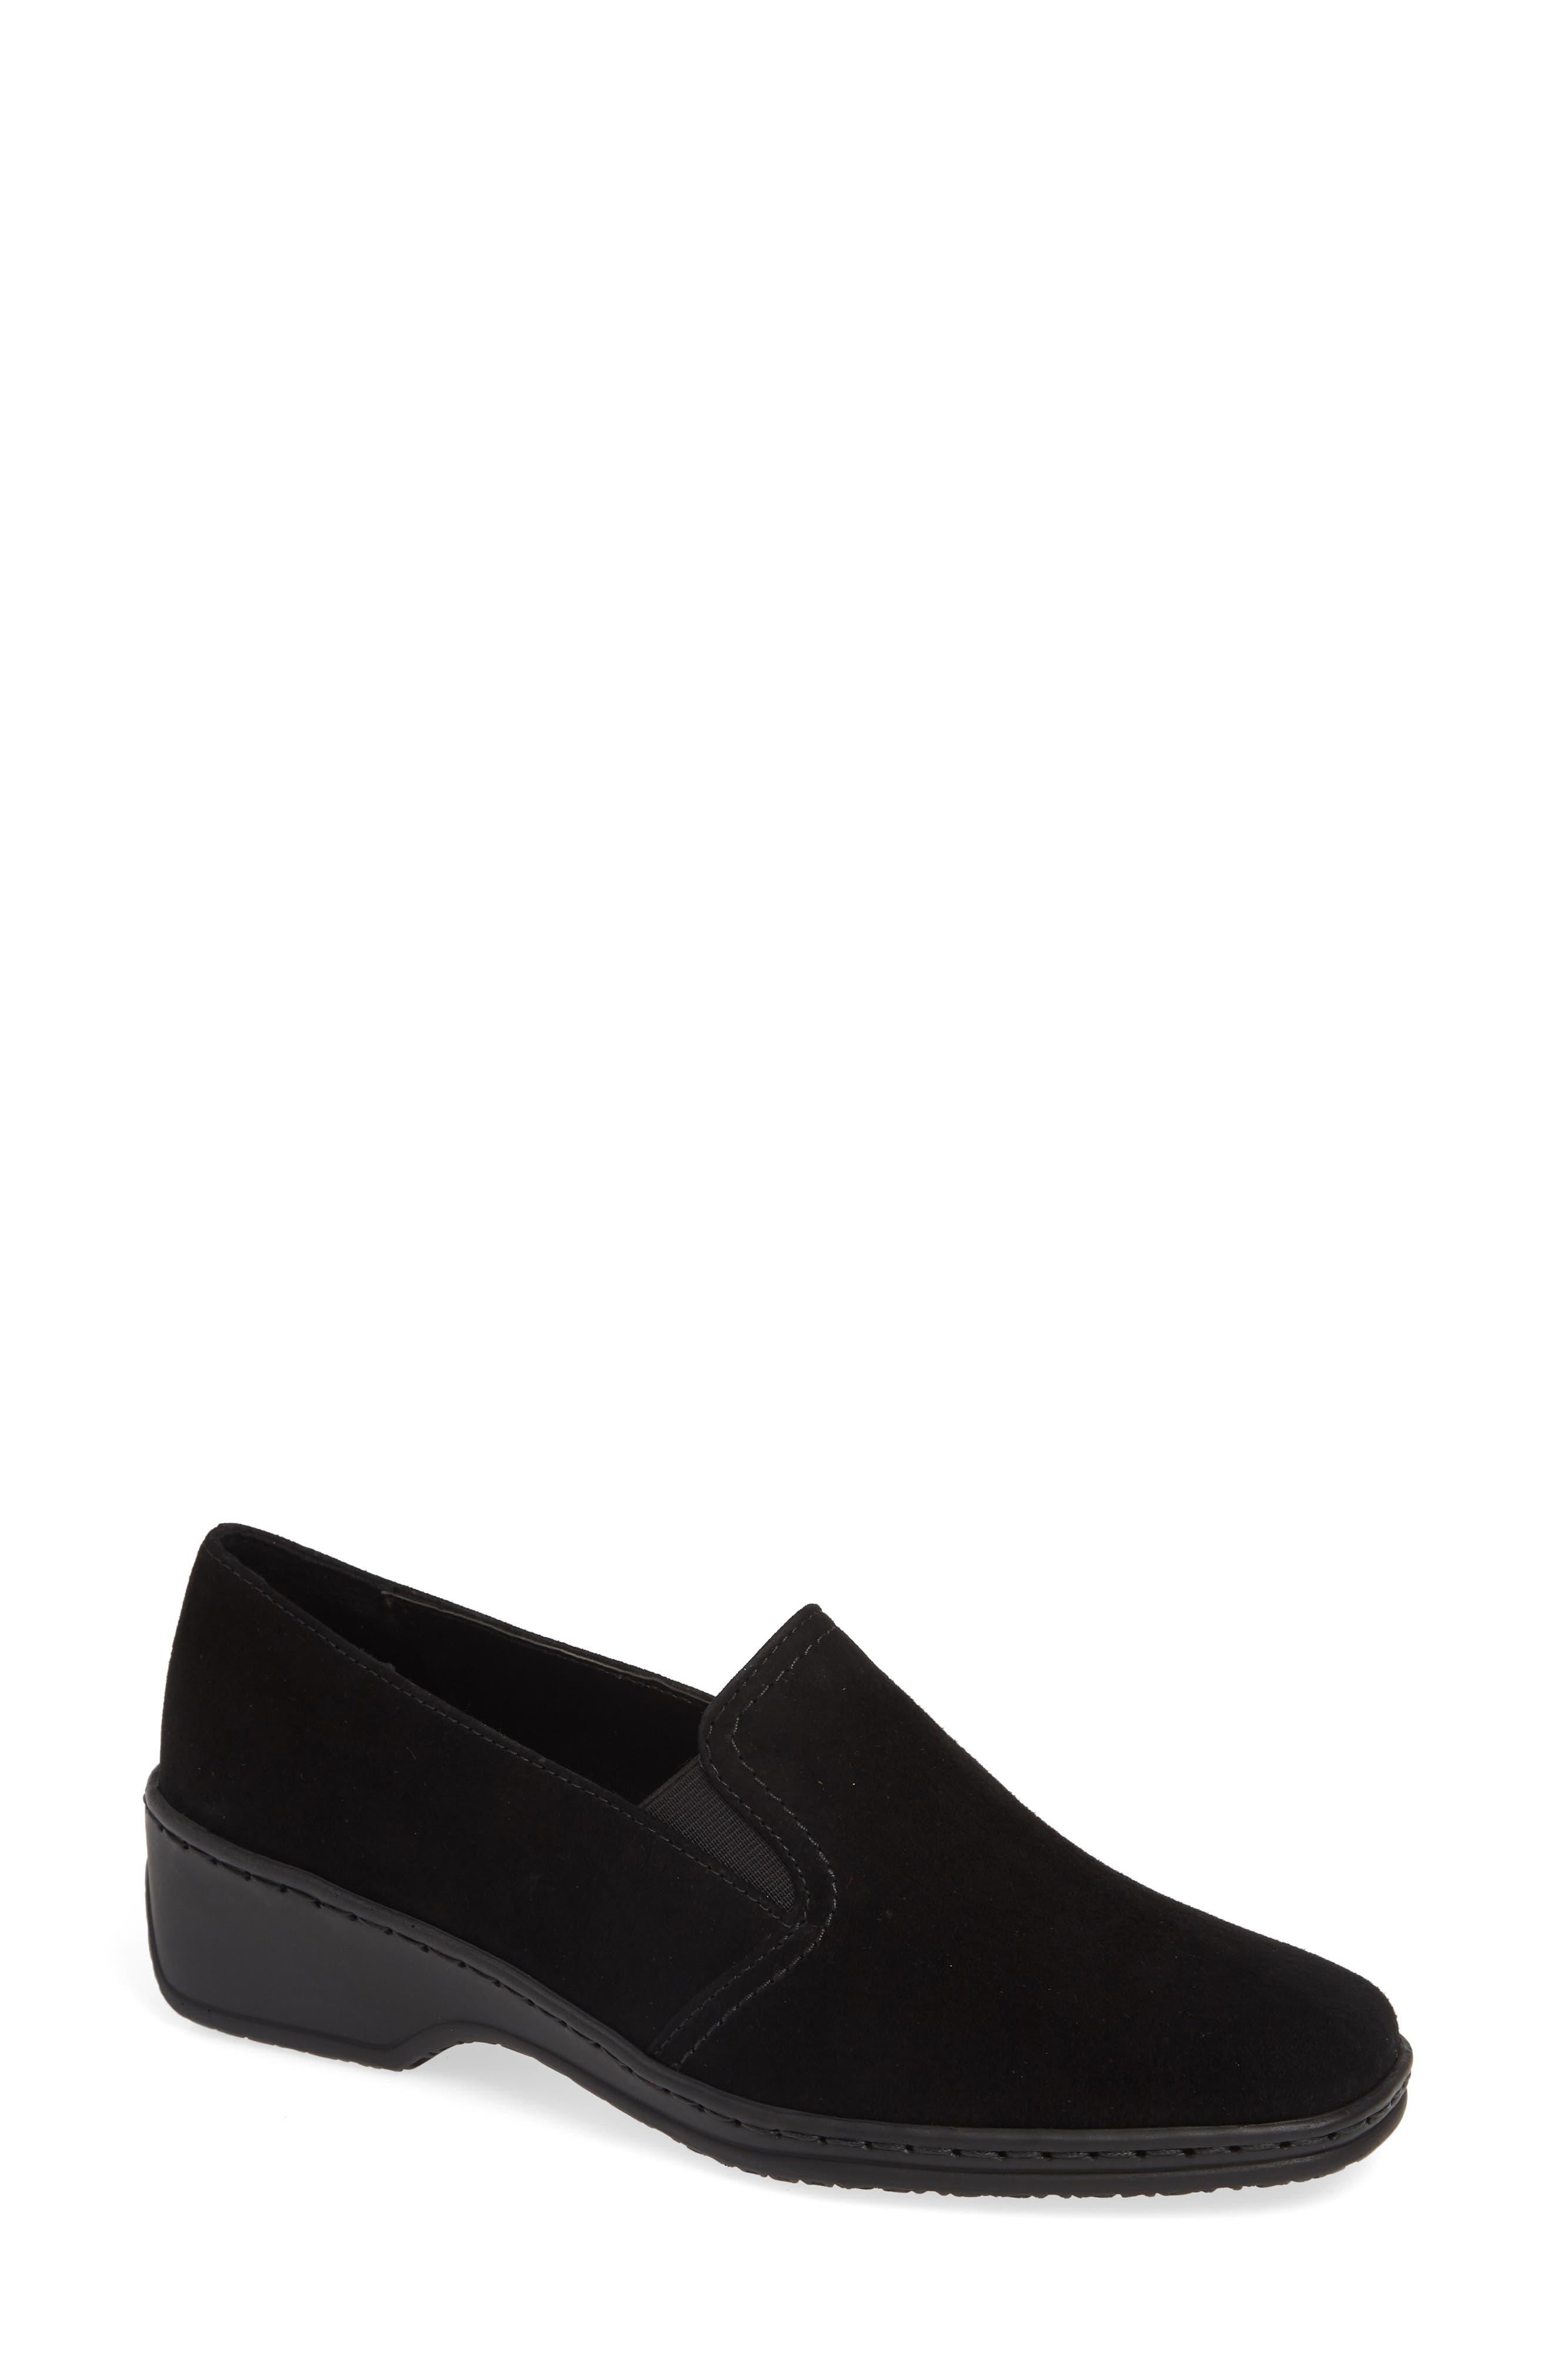 Ara Rabina Wedge Loafer- Black